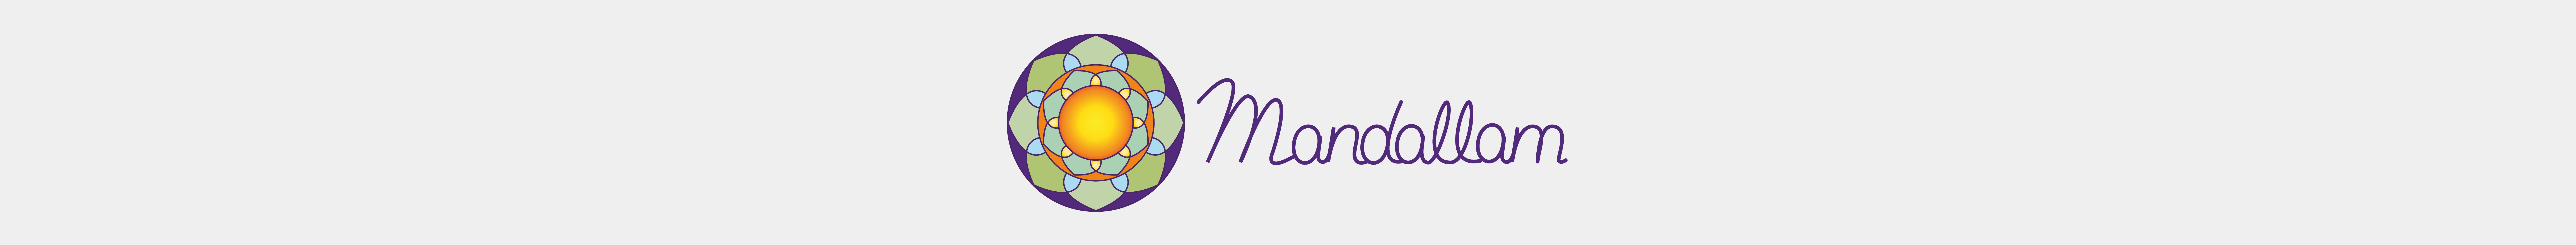 Mandallam